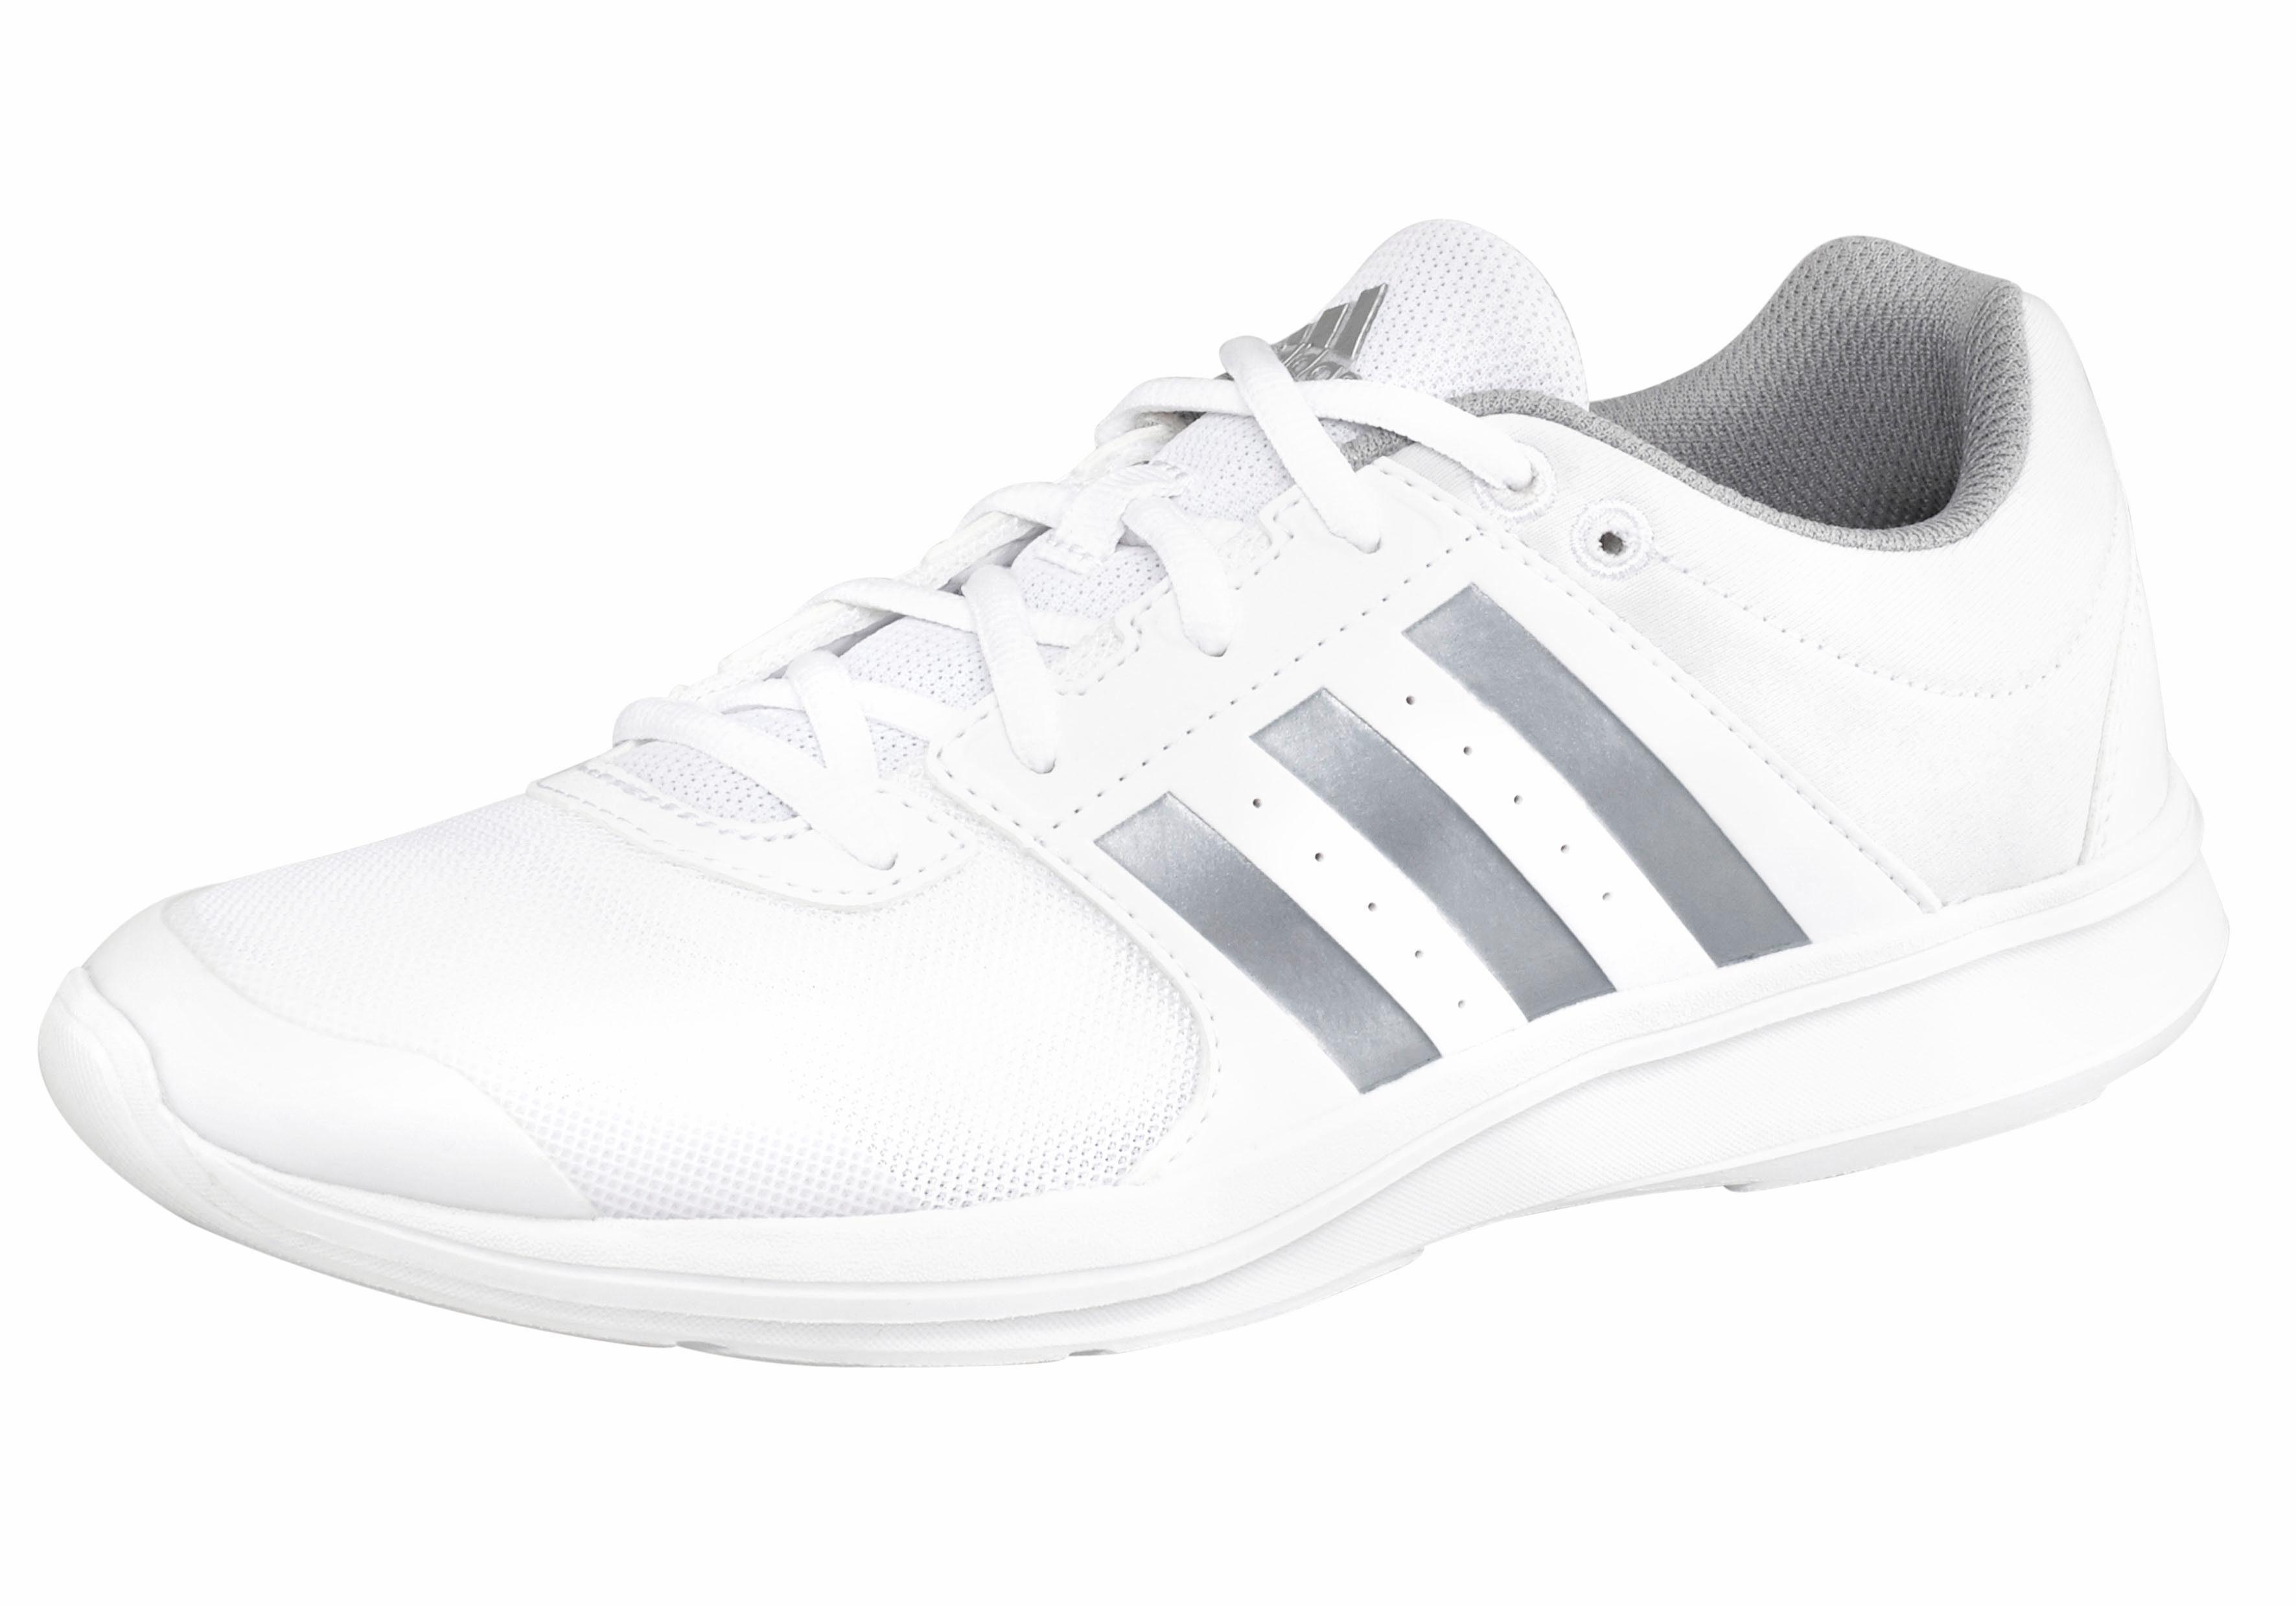 adidas Damenschuhe online kaufen | OTTO